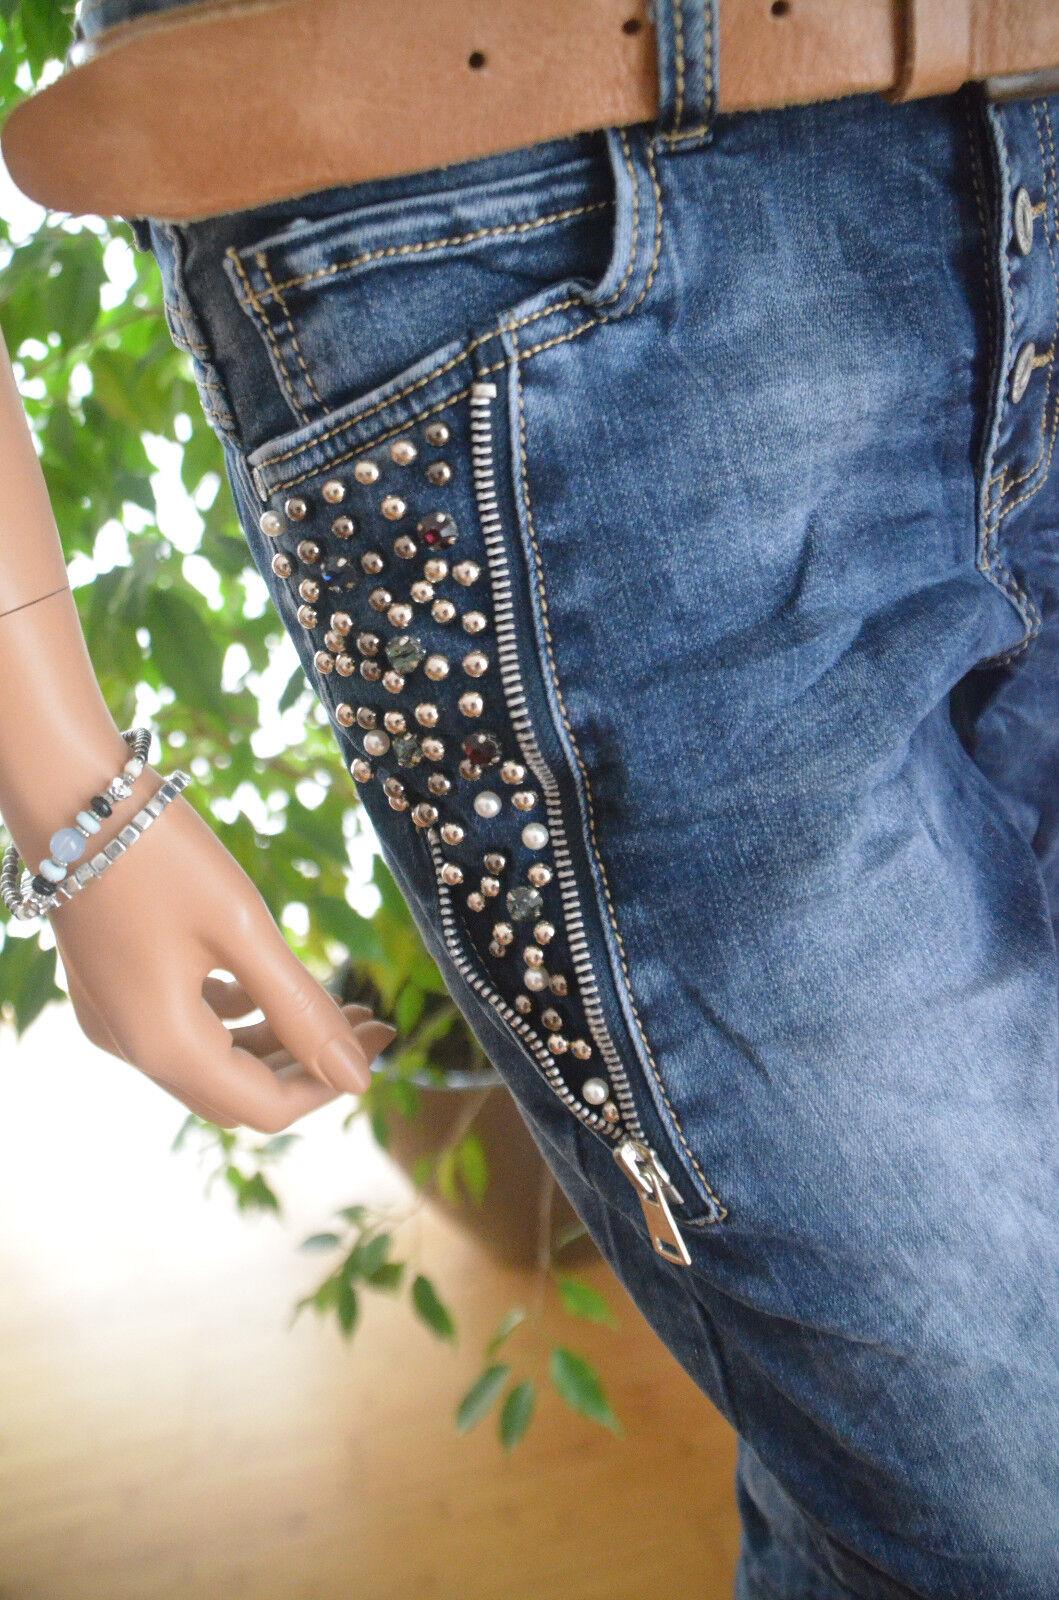 Jewelly Lexxury Boyfriend Jeans Hose Damen 42 Perlen Strass Strass Strass RV Blogger Neu  | Elegantes und robustes Menü  d1d0ea